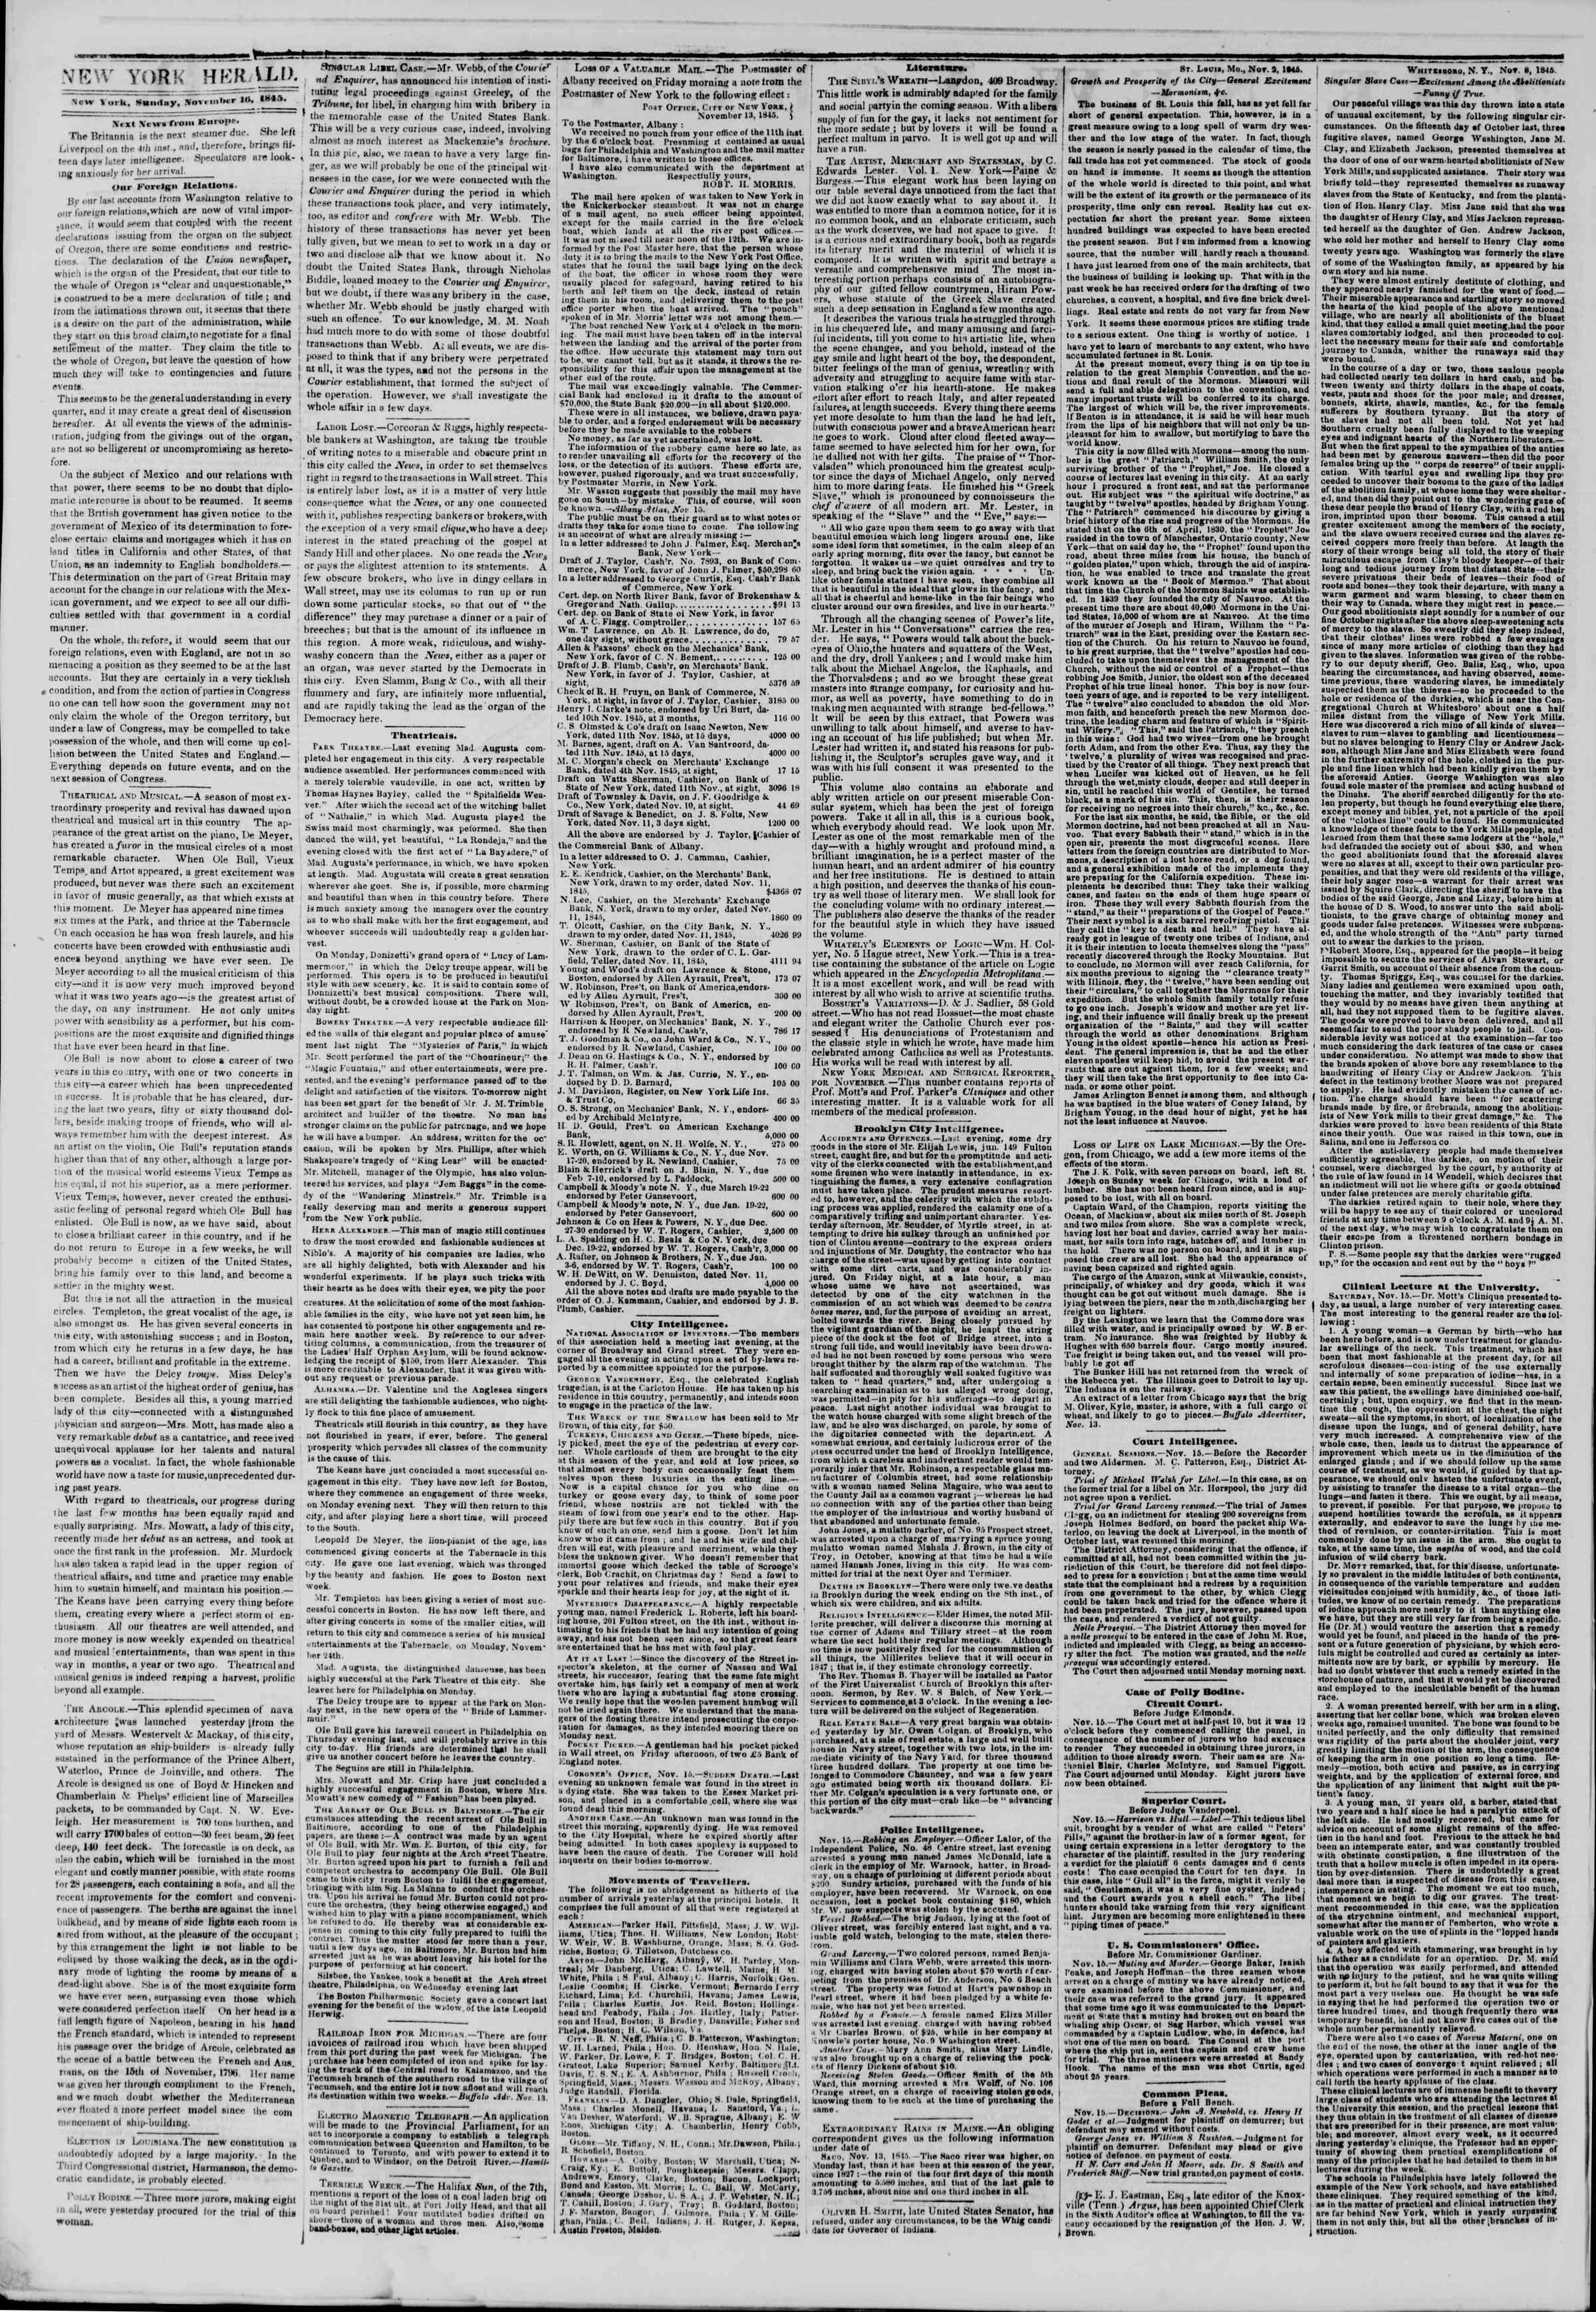 November 16, 1845 Tarihli The New York Herald Gazetesi Sayfa 2